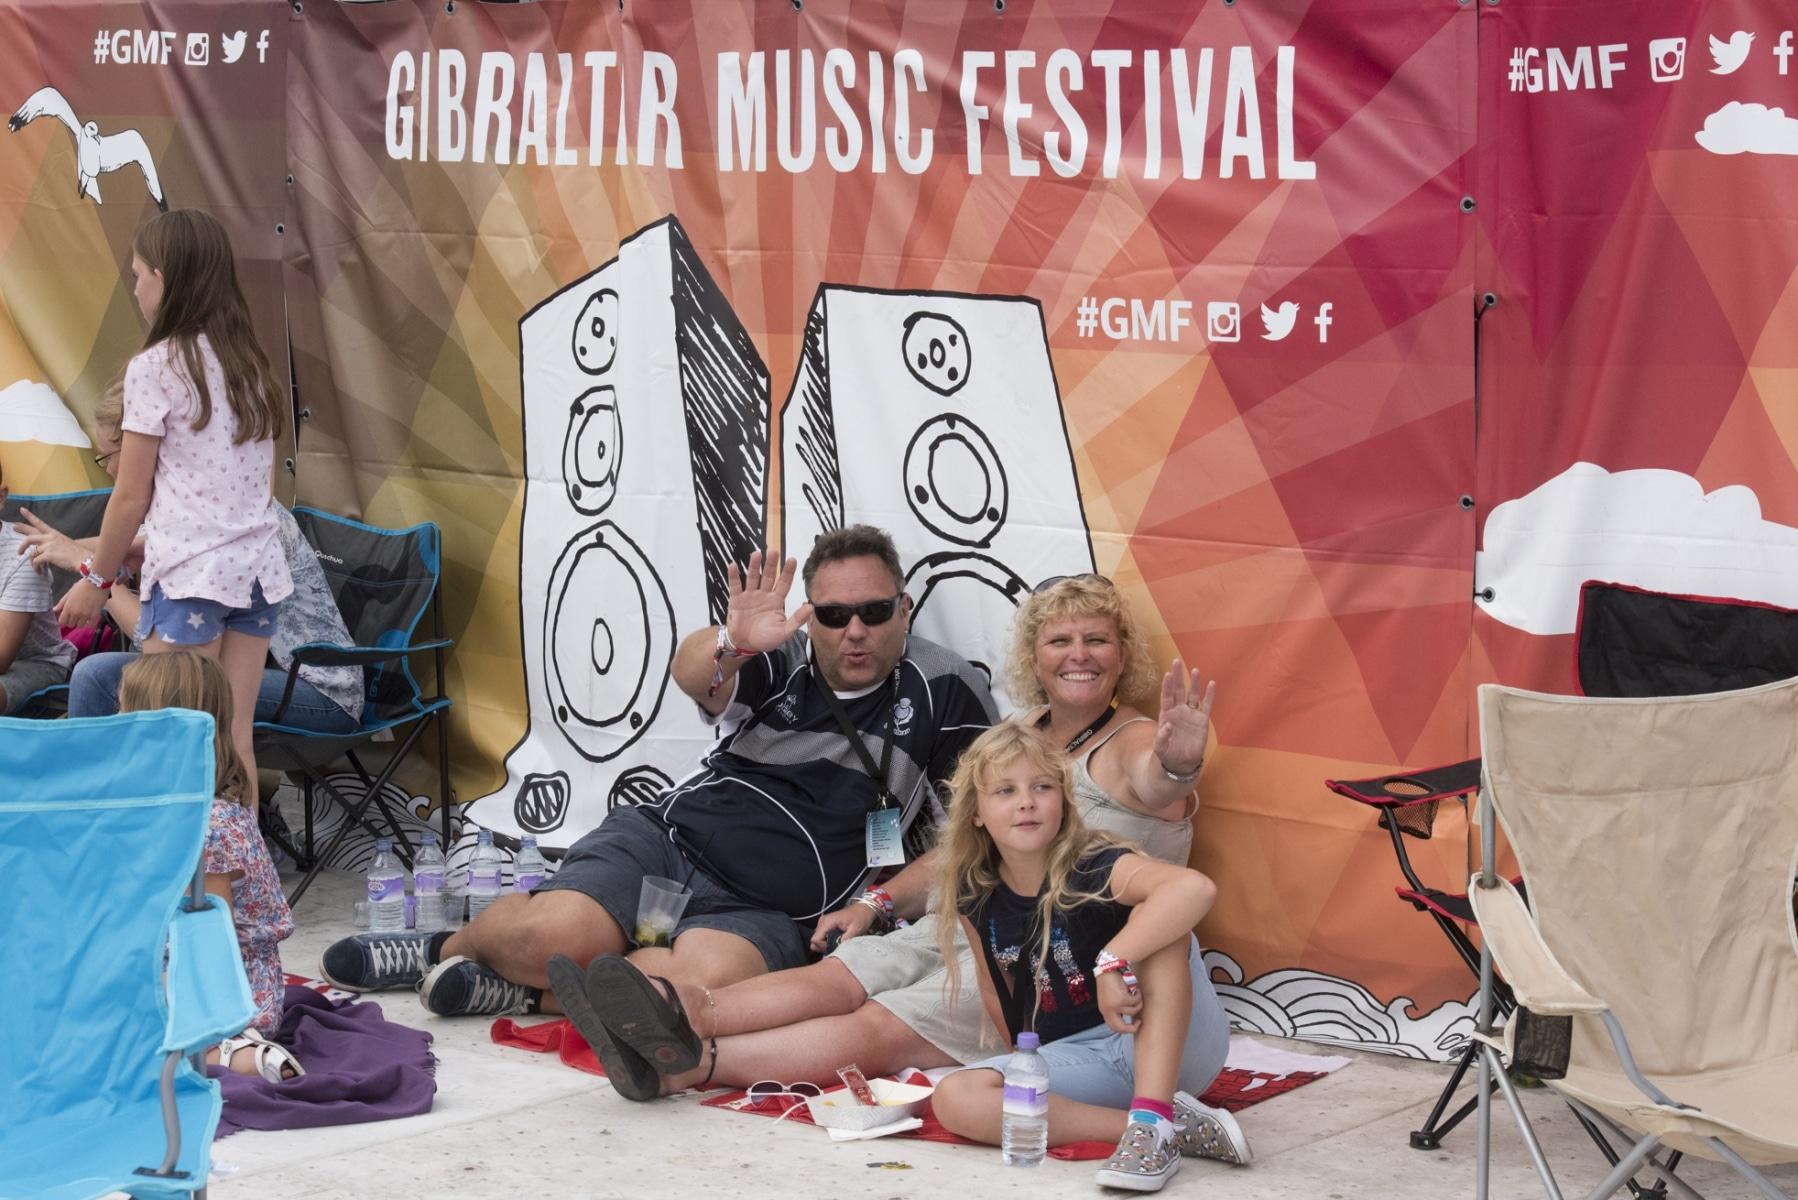 5-septiembre-2015-gibraltar-music-festival-2015-89_21195183181_o